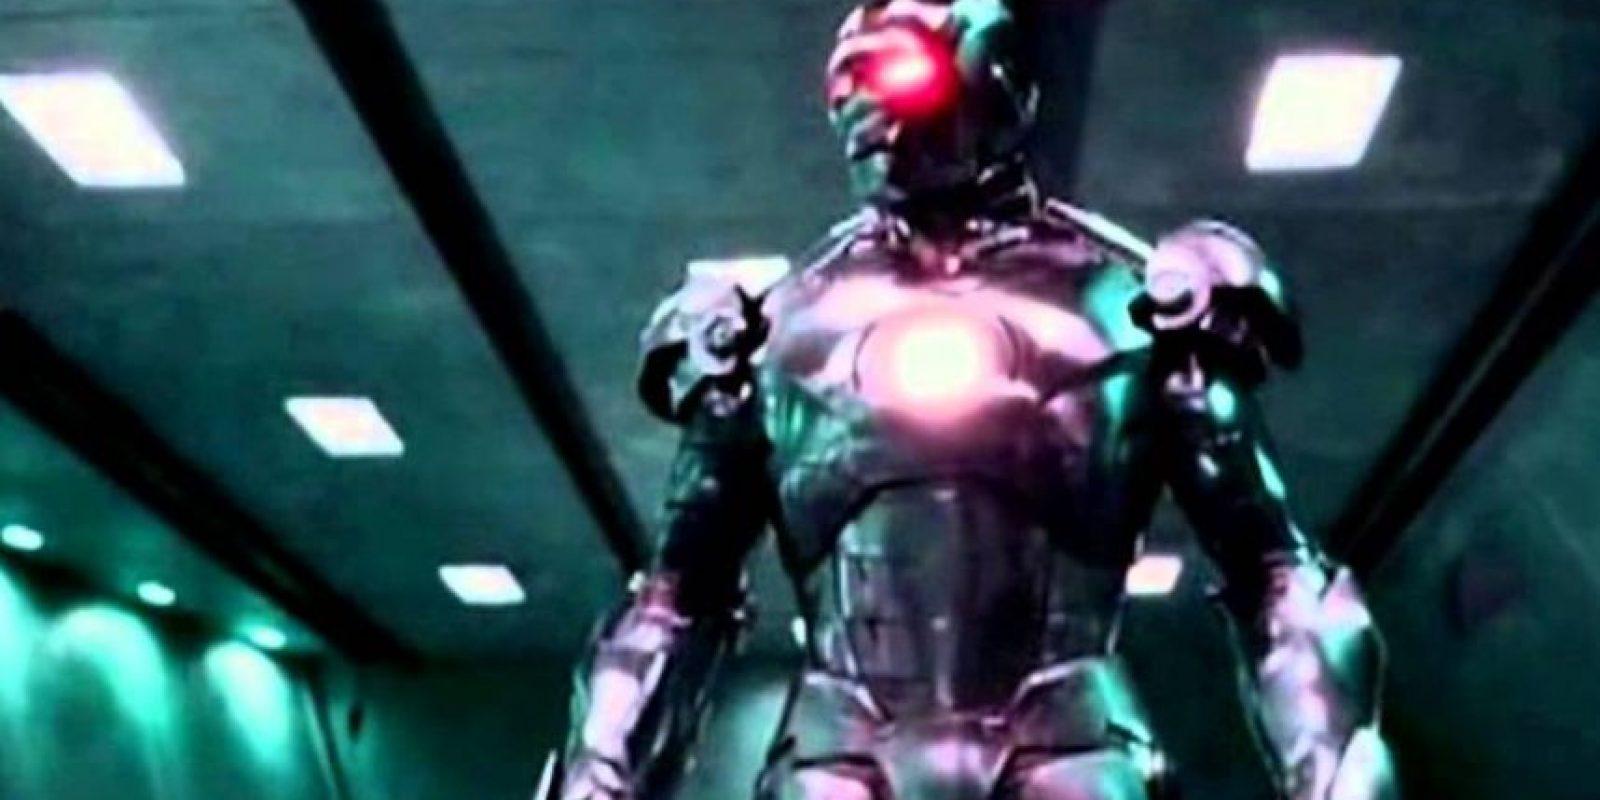 """Ultrón fue creado por Henry Pym y está hecho de Adamantium. Sus poderes son: niveles sobrehumanos de fuerza, velocidad, resistencia, durabilidad y reflejos; vuelo a velocidades subsónicas; varias armas ofensivas como rayos concusivos de energía (encéfalo-rayo), disparados de sus manos y sus sensores ópticos, además de un """"rayo encefalopático"""", el cual sitúa a sus víctimas en un estado de coma semejante a la muerte. Foto:vía Marvel"""